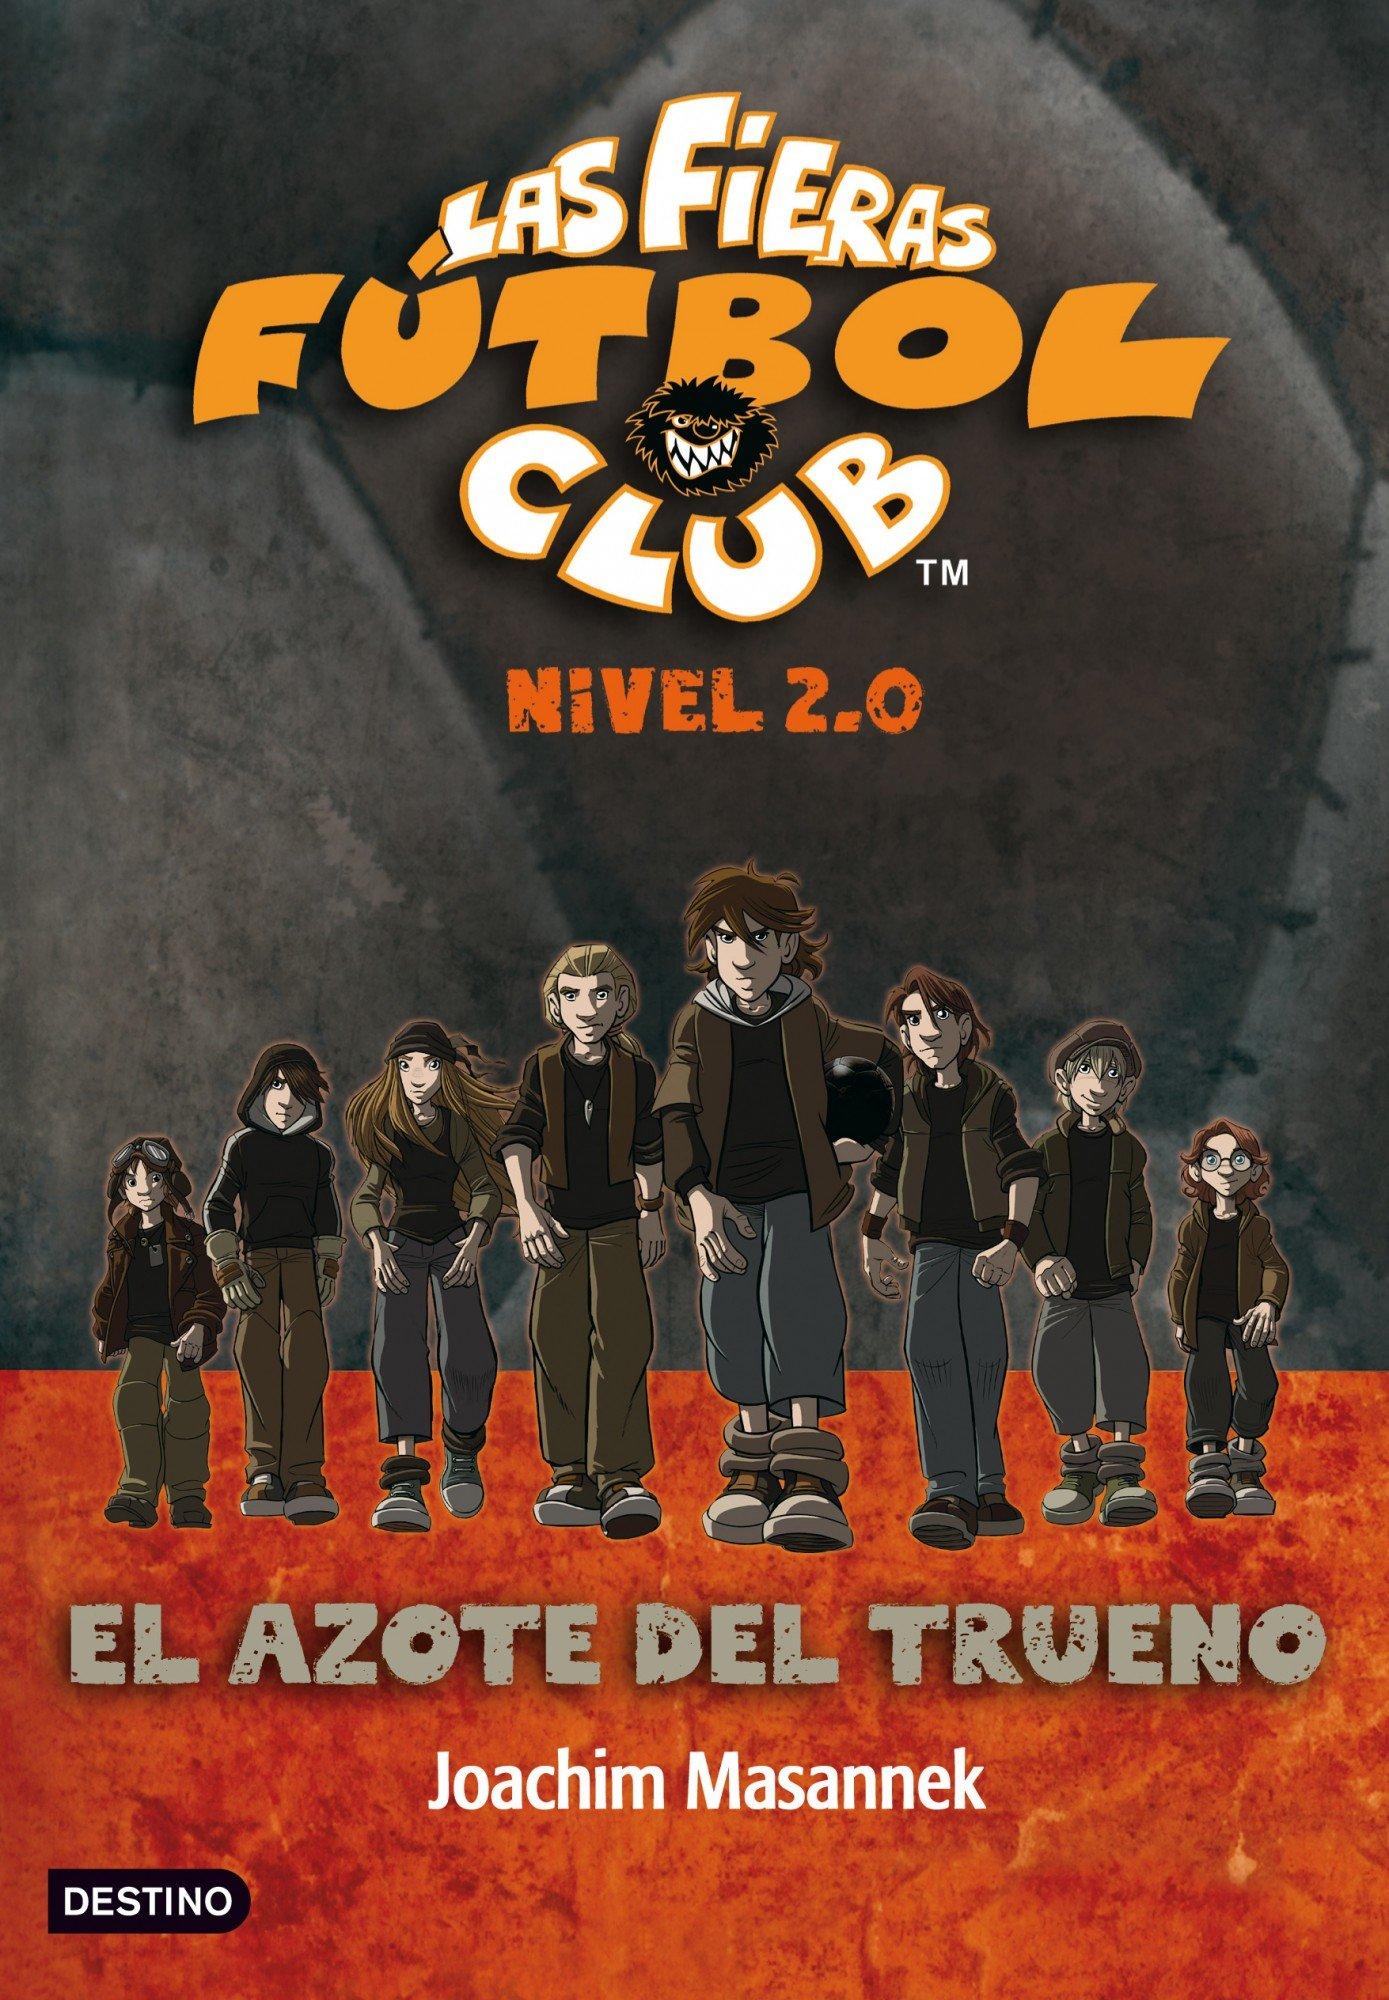 El Azote del Trueno: Las fieras del Fútbol Club 2.0 1 Las Fieras Futbol Club: Amazon.es: Masannek, Joachim, S. Carbó, R.: Libros